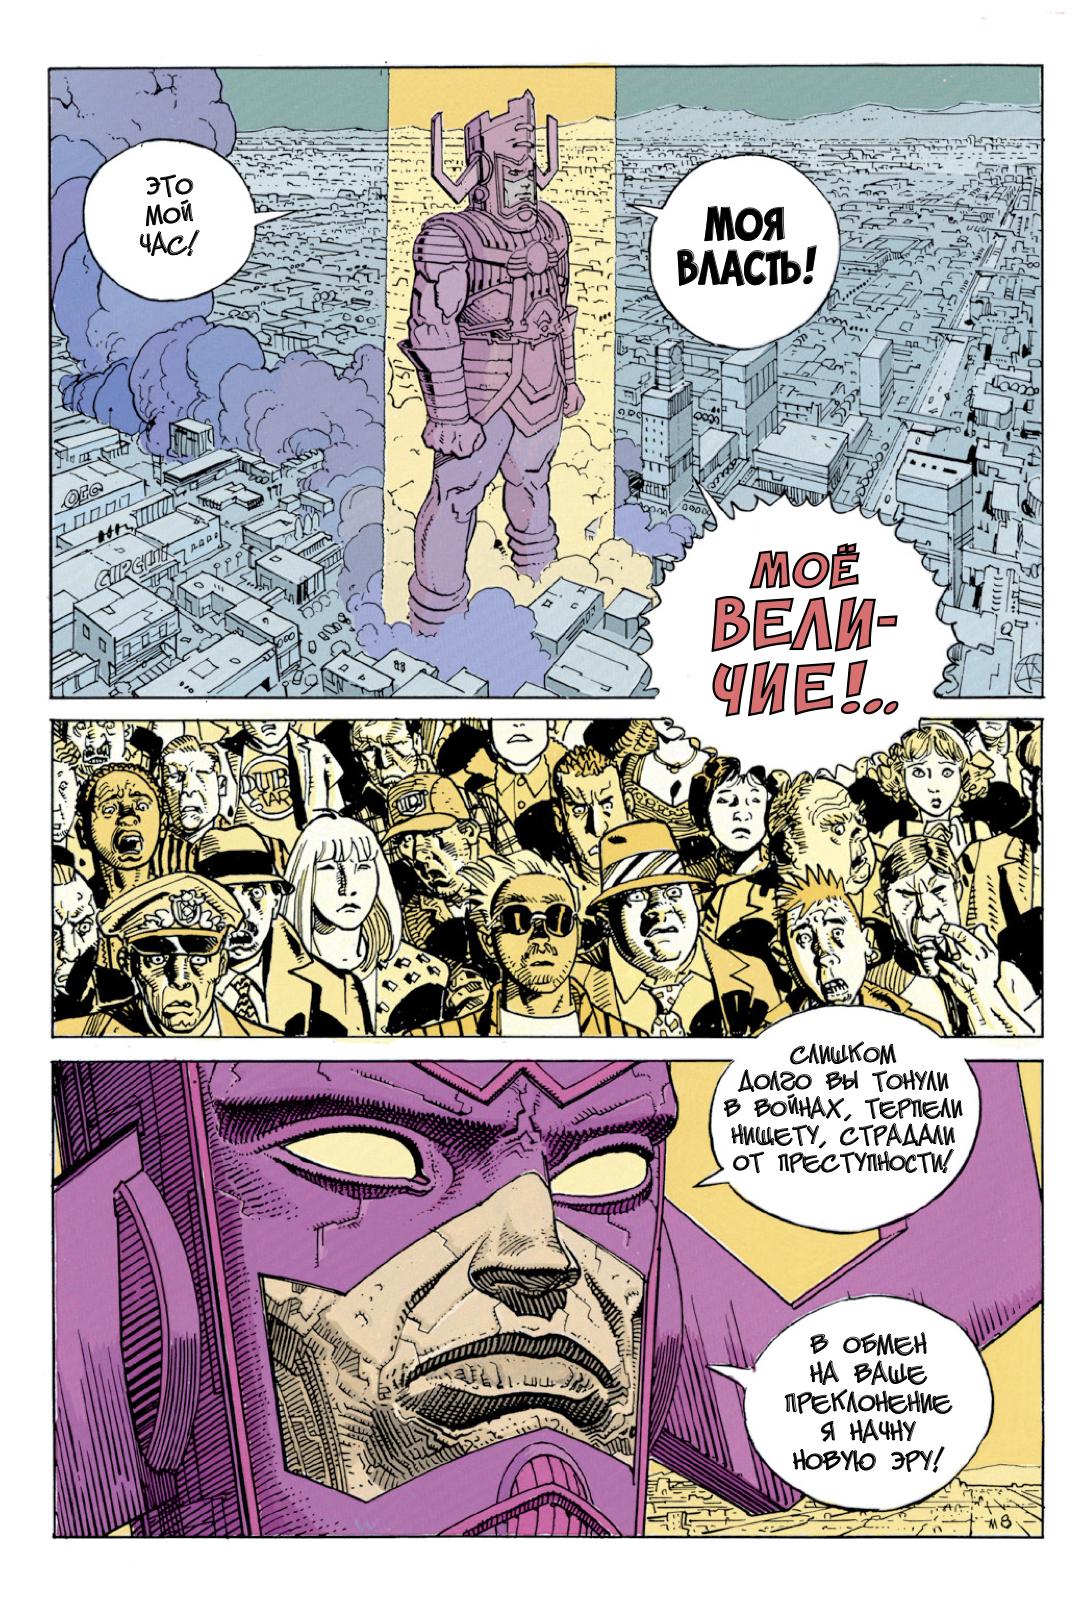 В апреле на русском выходит трагичный комикс про Серебряного сёрфера 6